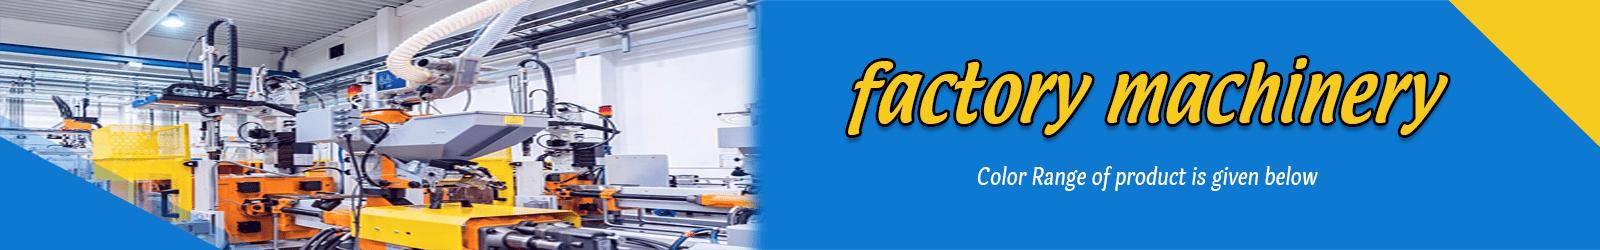 factory machinery-min